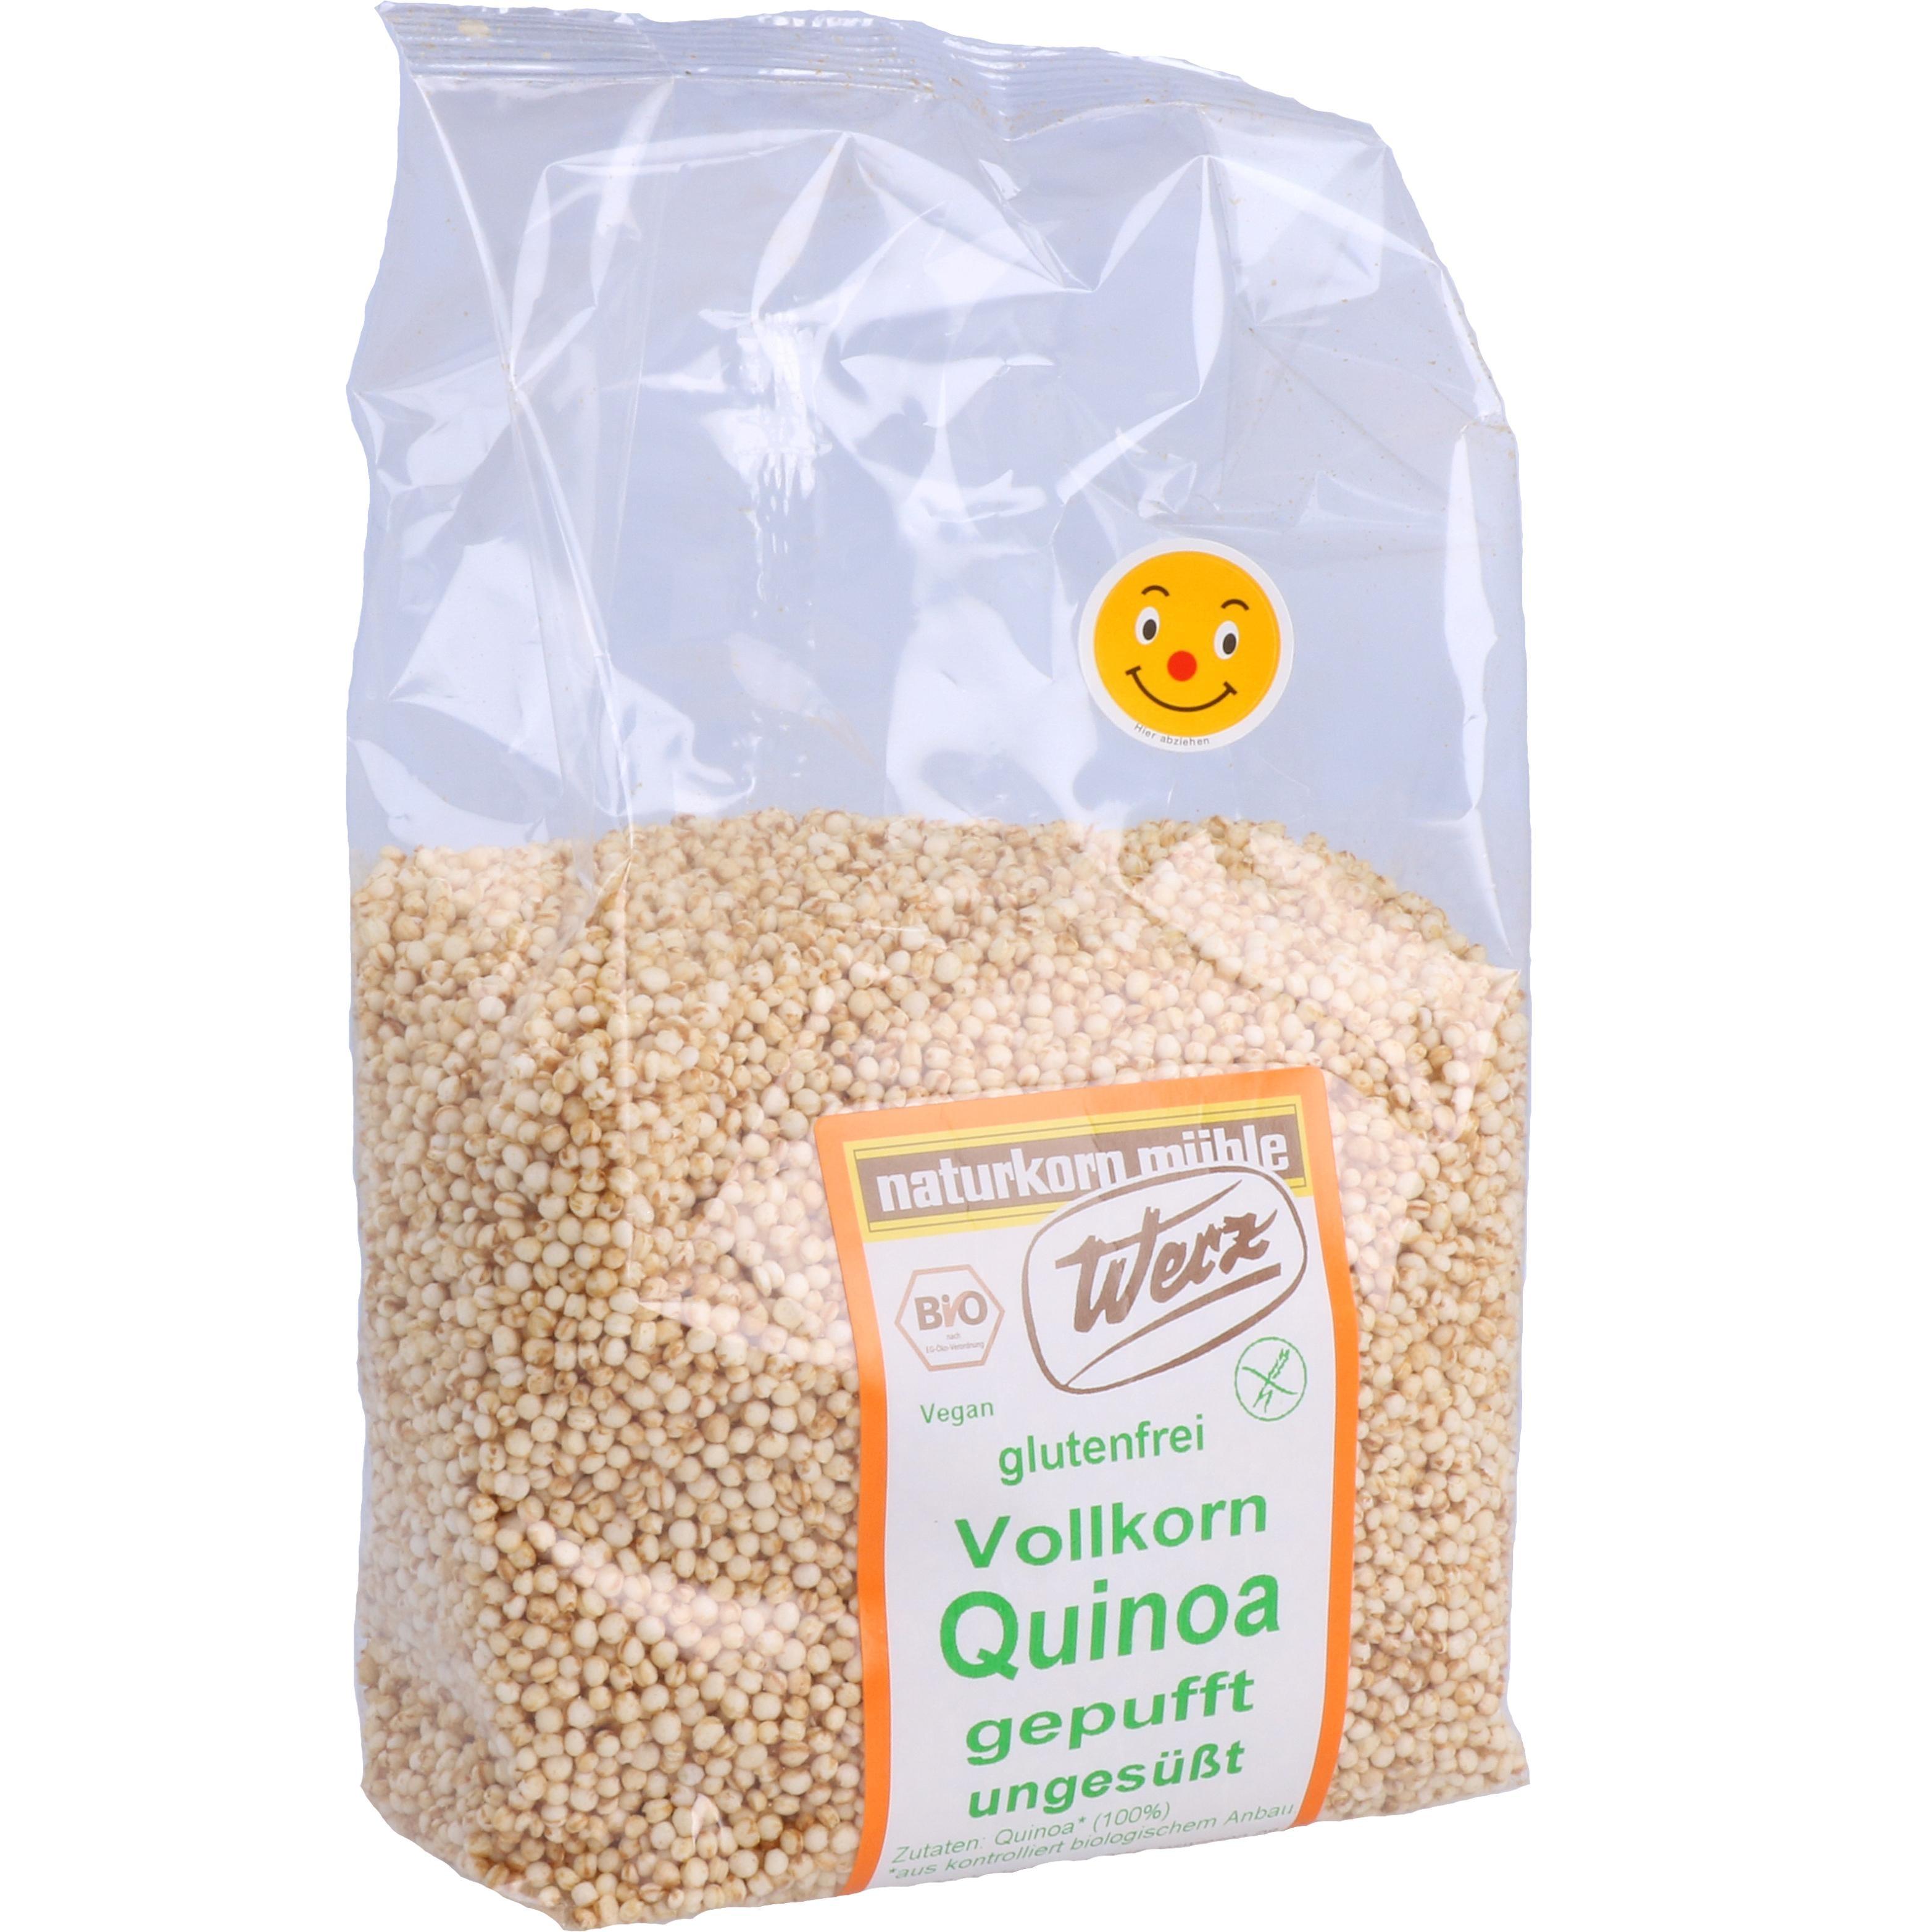 Werz Bio Vollkorn Quinoa gepufft, ungesüßt 125g